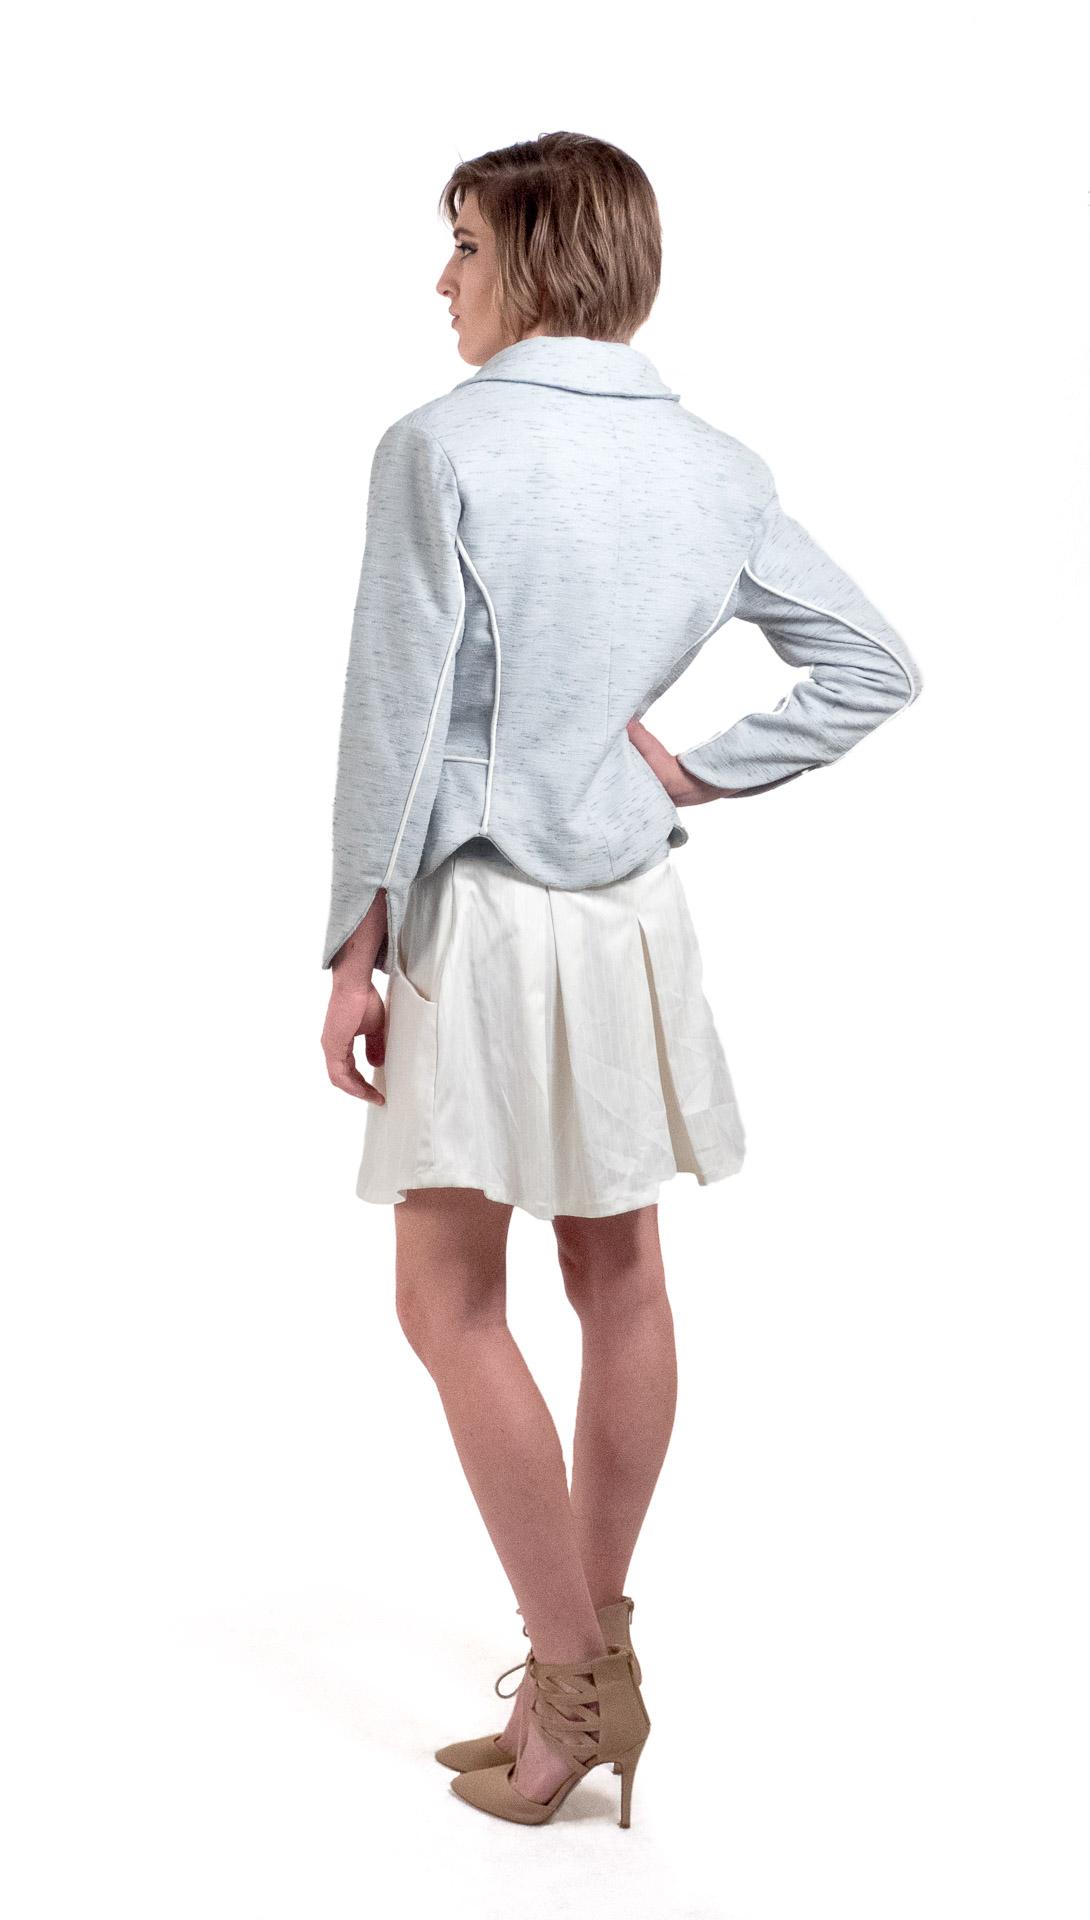 Hiatt.Peter.Fashion-11.jpg